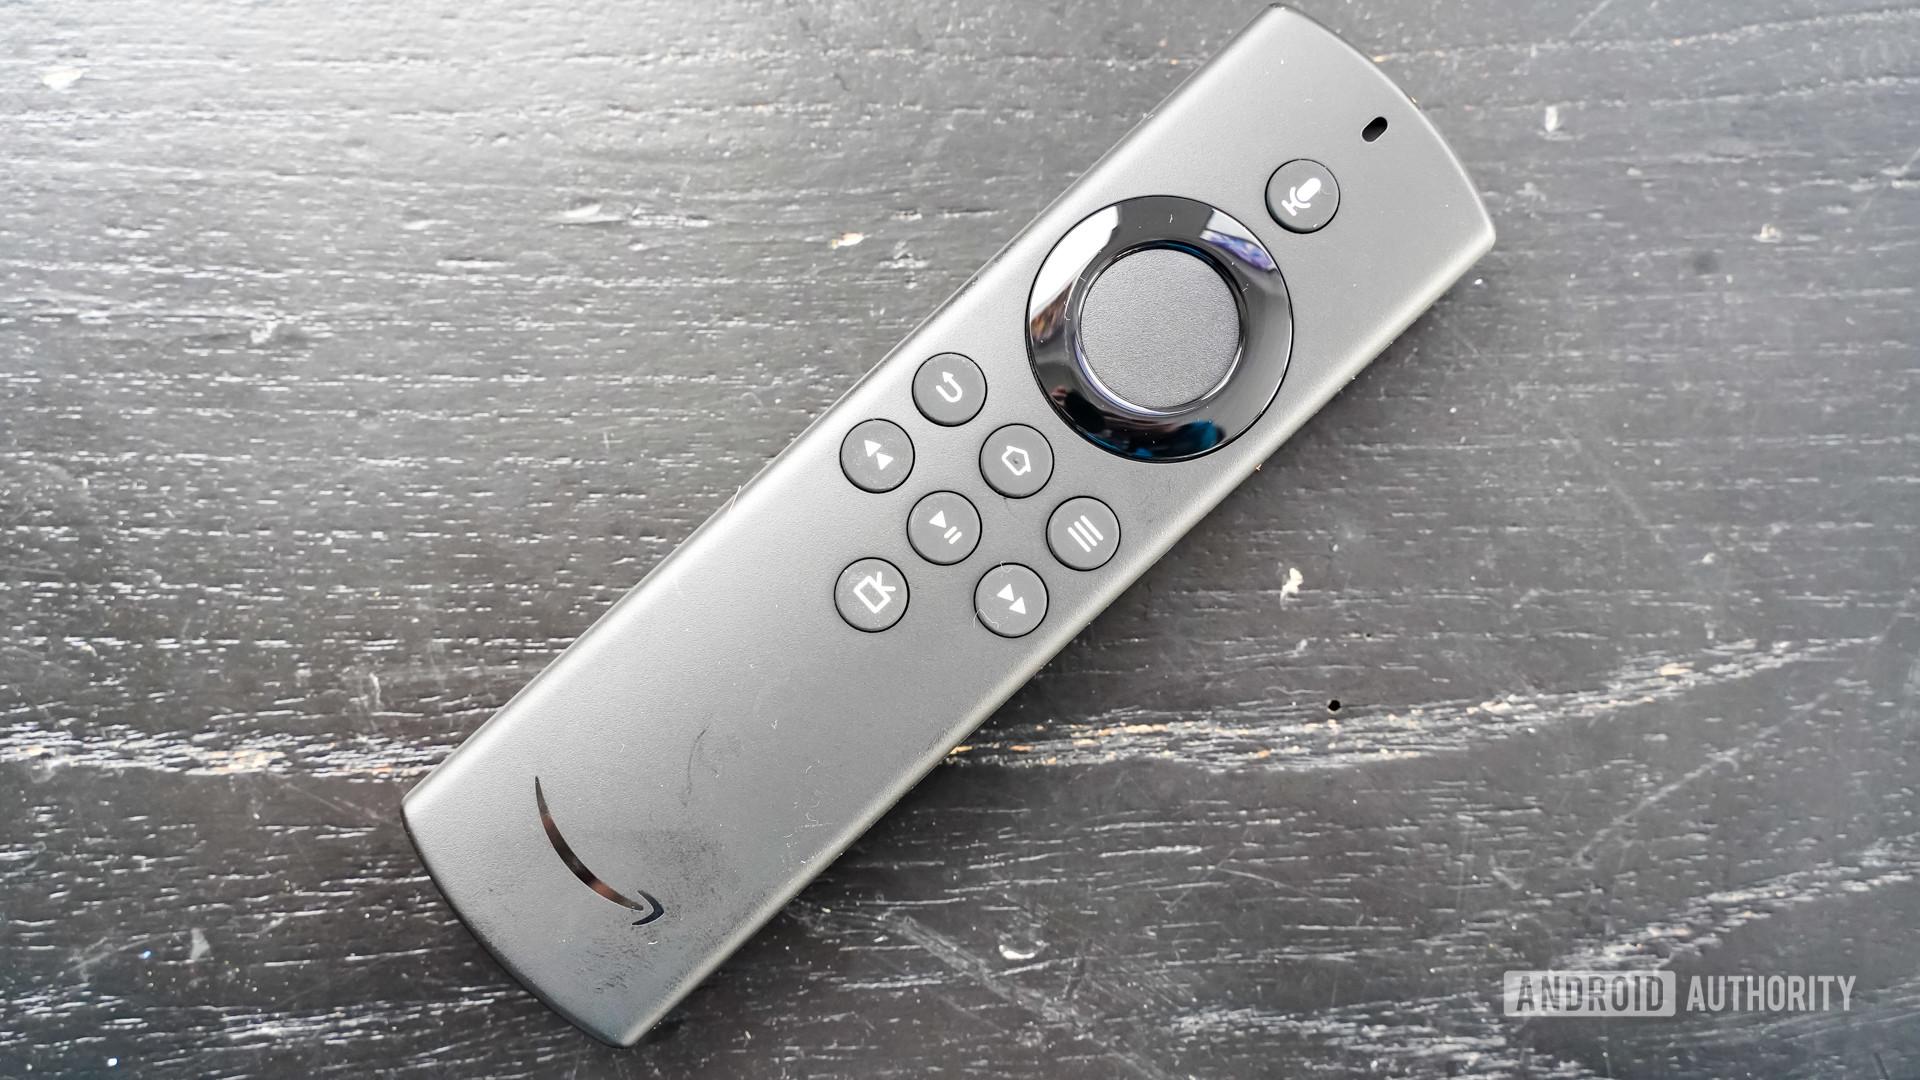 Amazon Fire TV Stick Lite remote